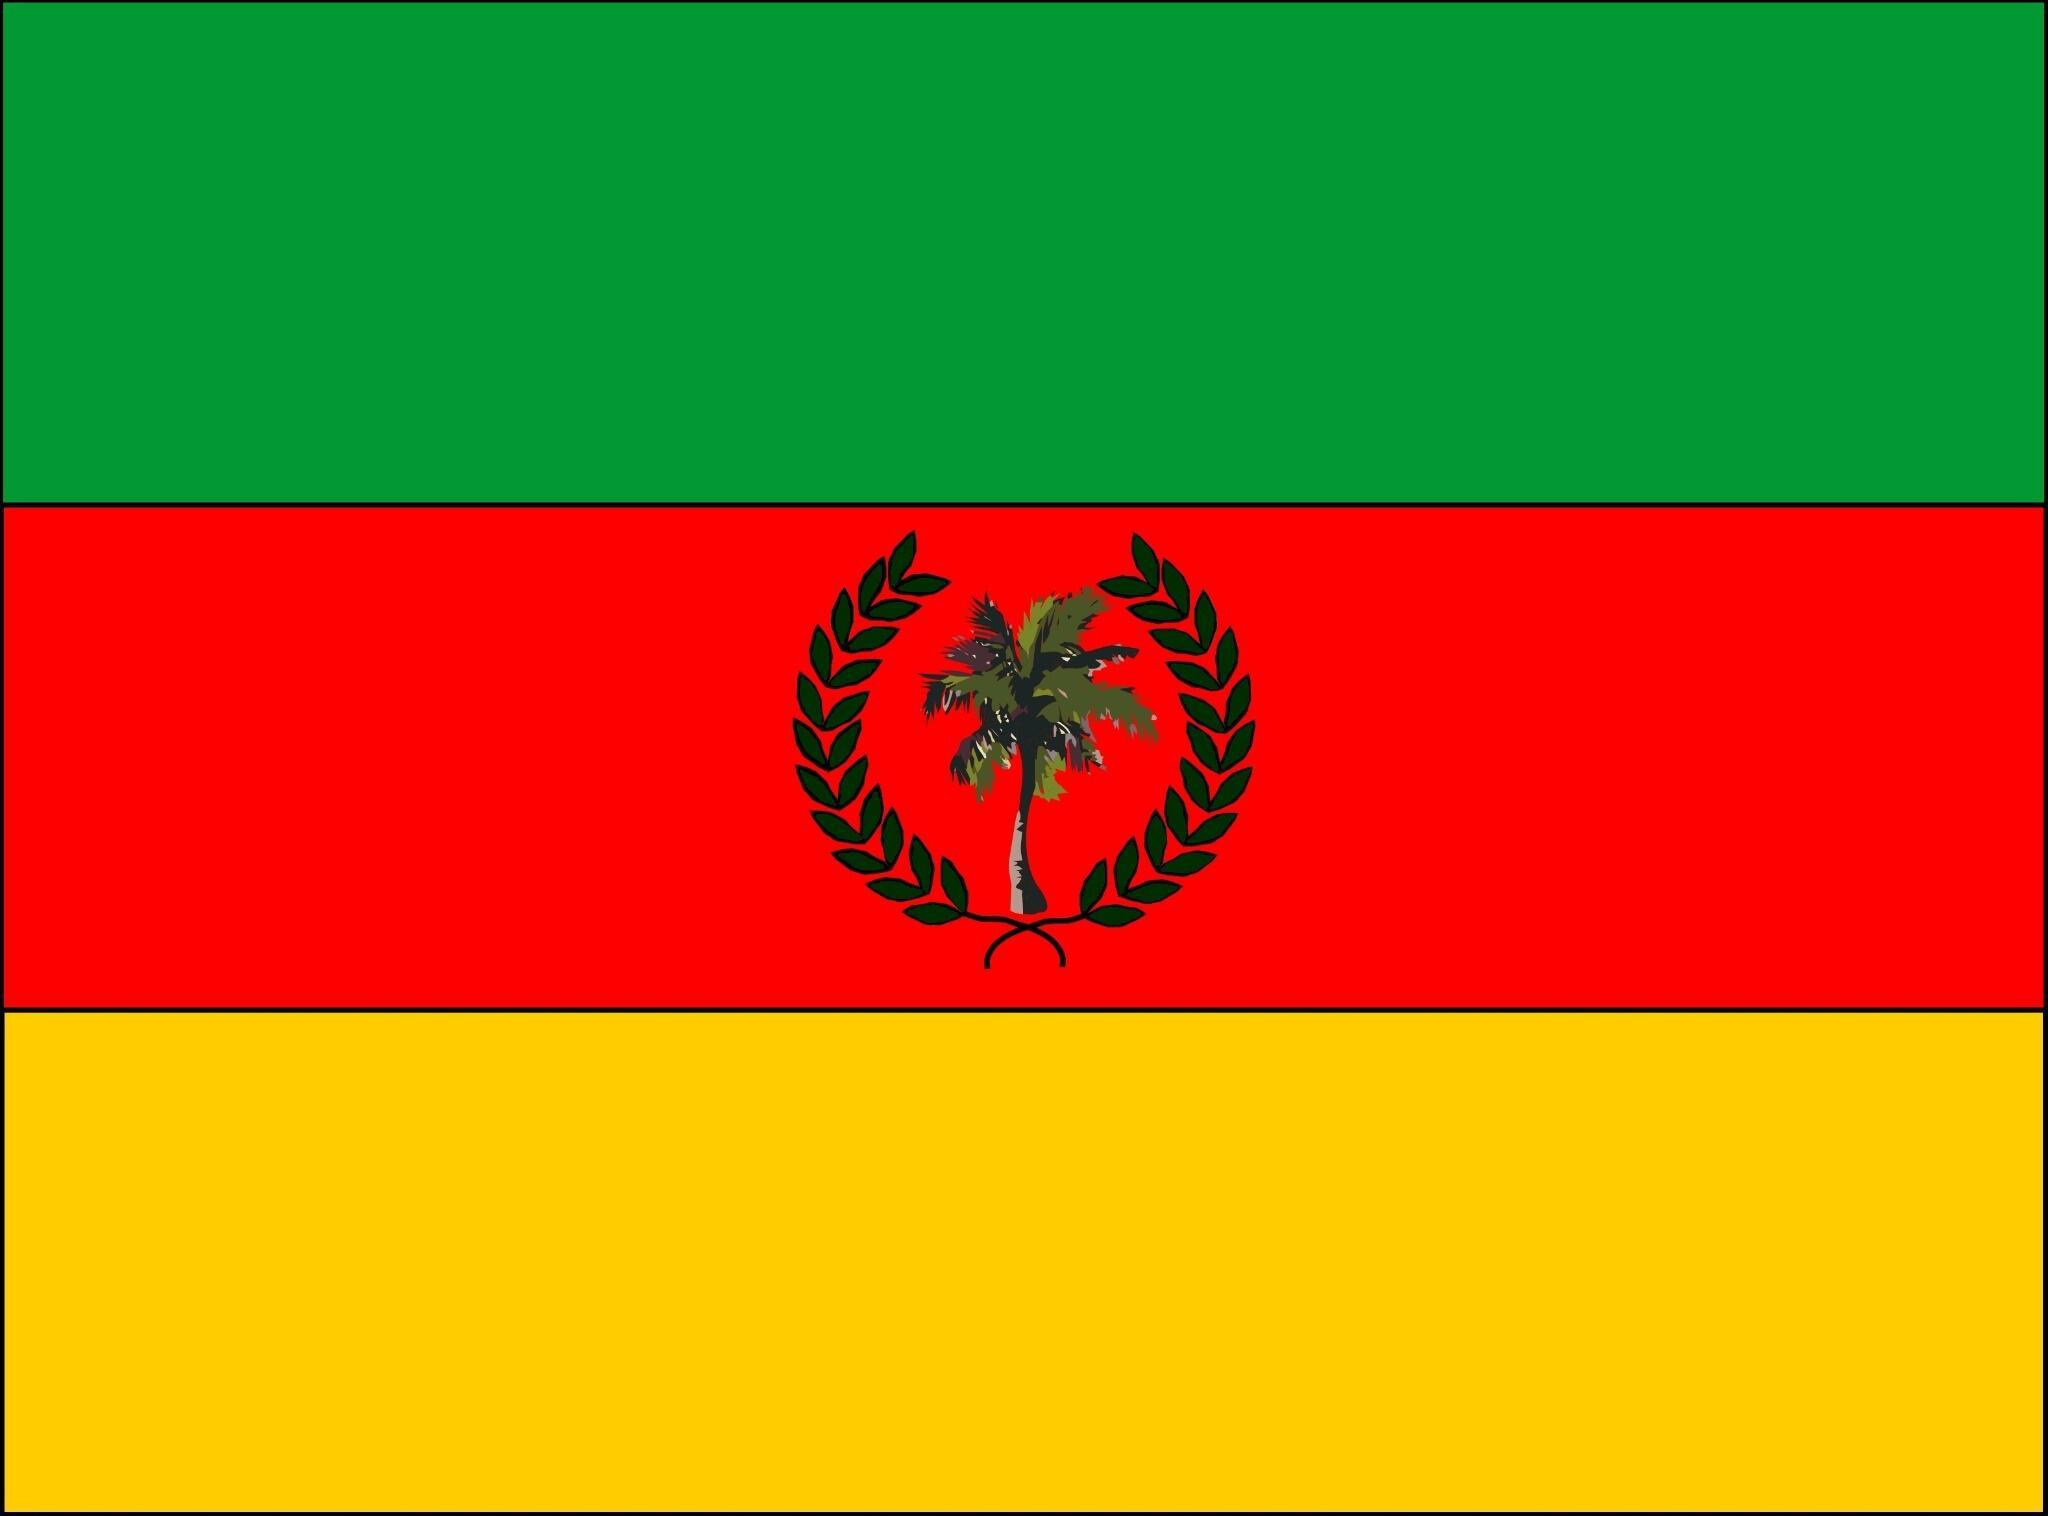 Esta es la Bandera del Municipio Ayacucho - Colón - Estado Táchira. http://t.co/hK5JEtjCTv